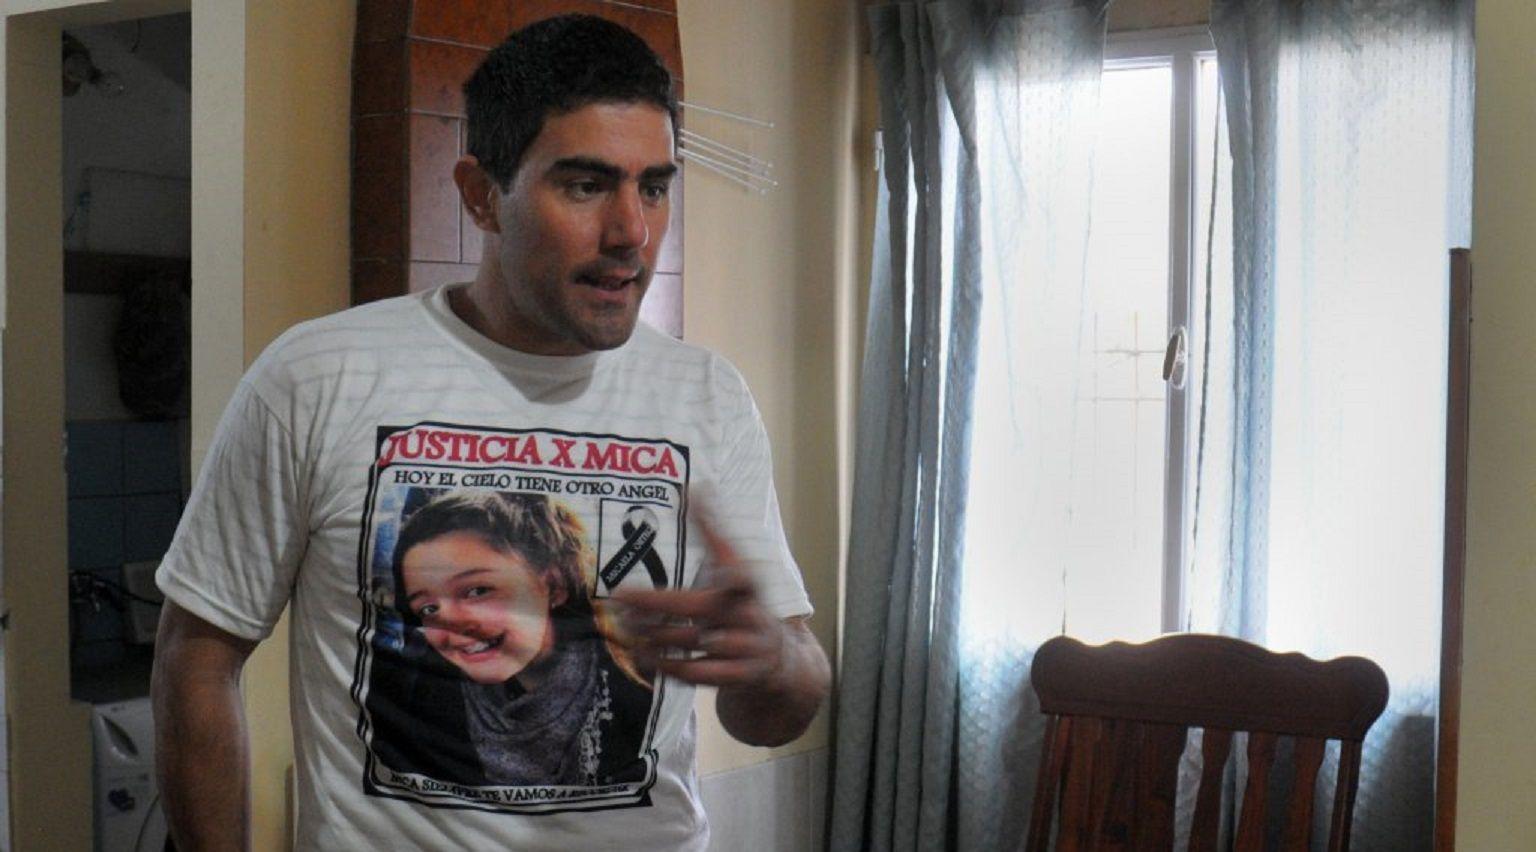 Robaron computadora con recuerdos de Micaela Ortega, la nena asesinada en Bahía Blanca